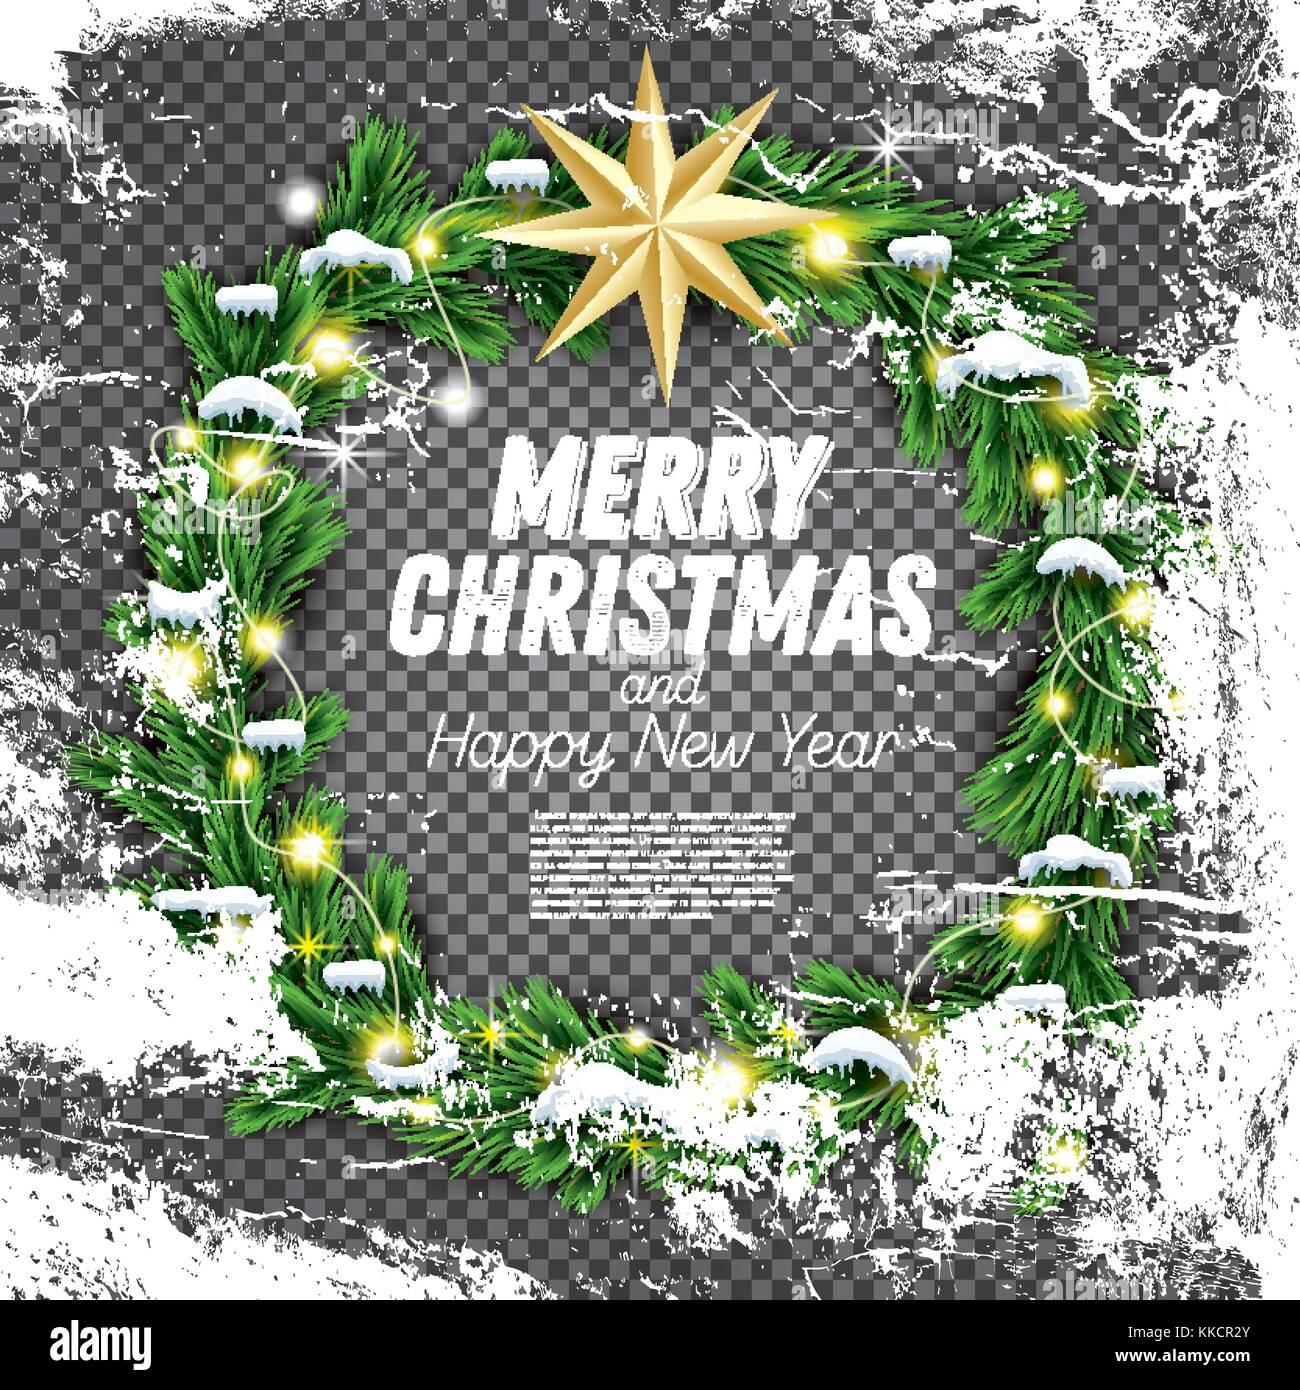 Christmas Wreath With Green Fir Branch Light Garland And Golden